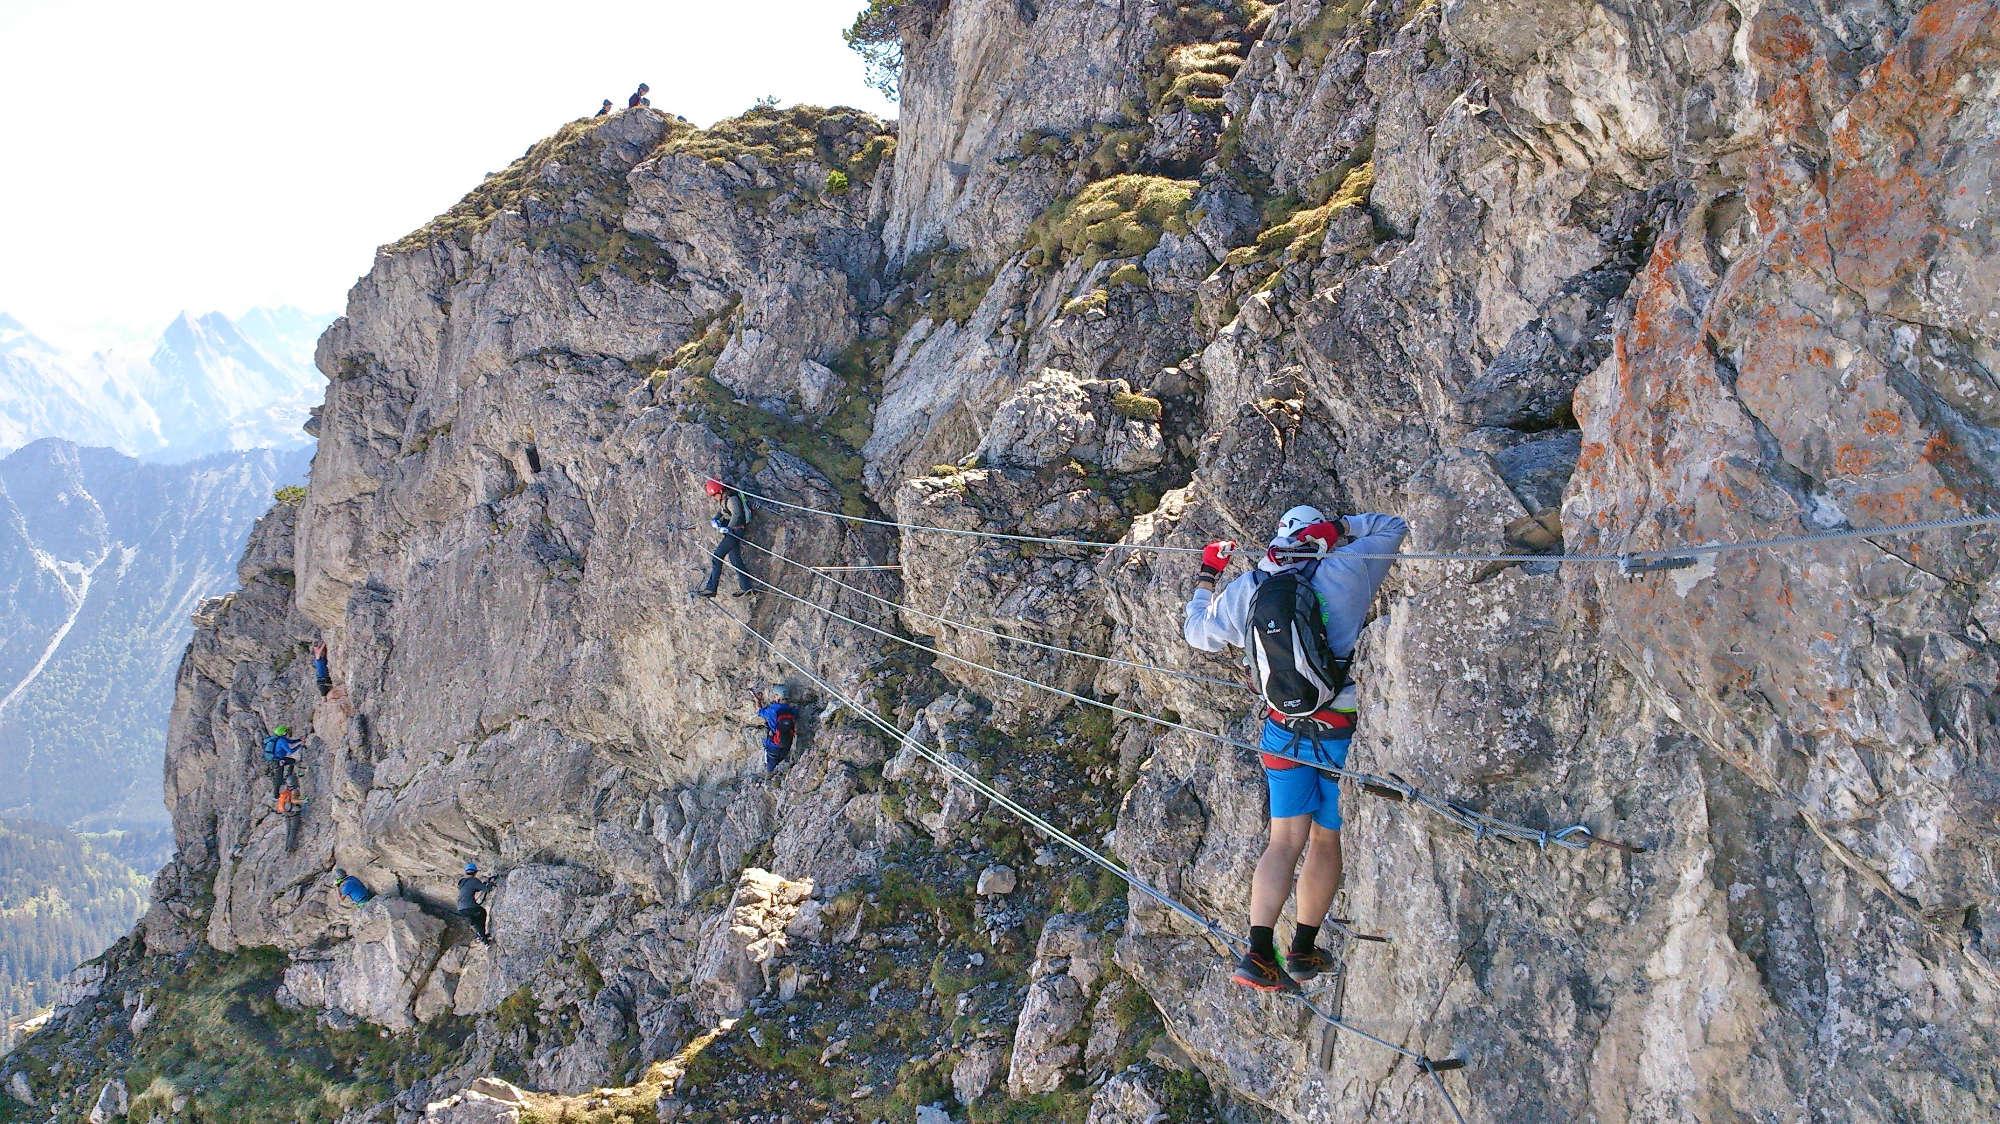 Klettersteig Kleinwalsertal : Der walsersteig u perfekte klettersteig für einsteiger your